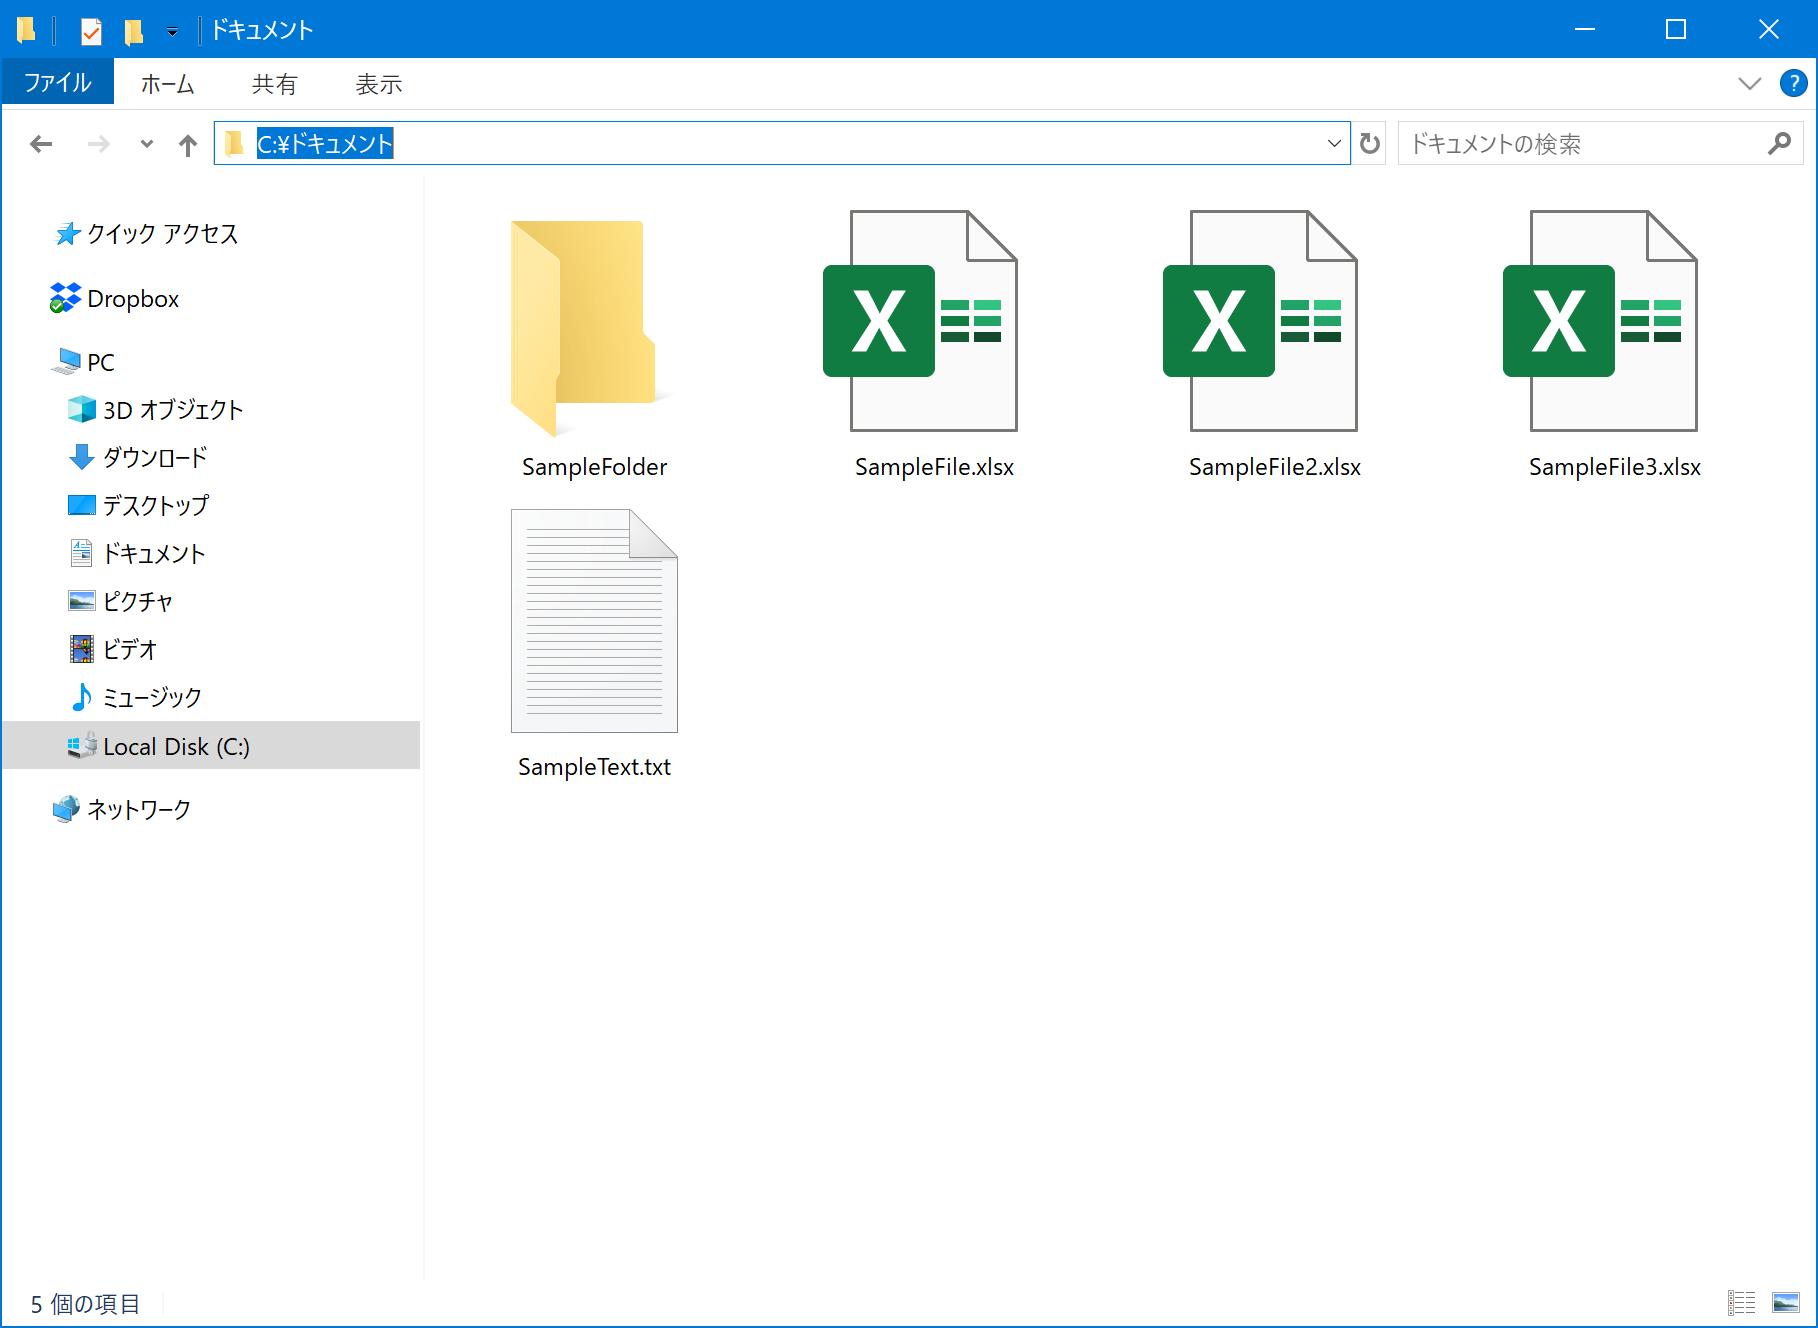 06_VBADir関数ファイル一覧取得フォルダ内容DoLoop